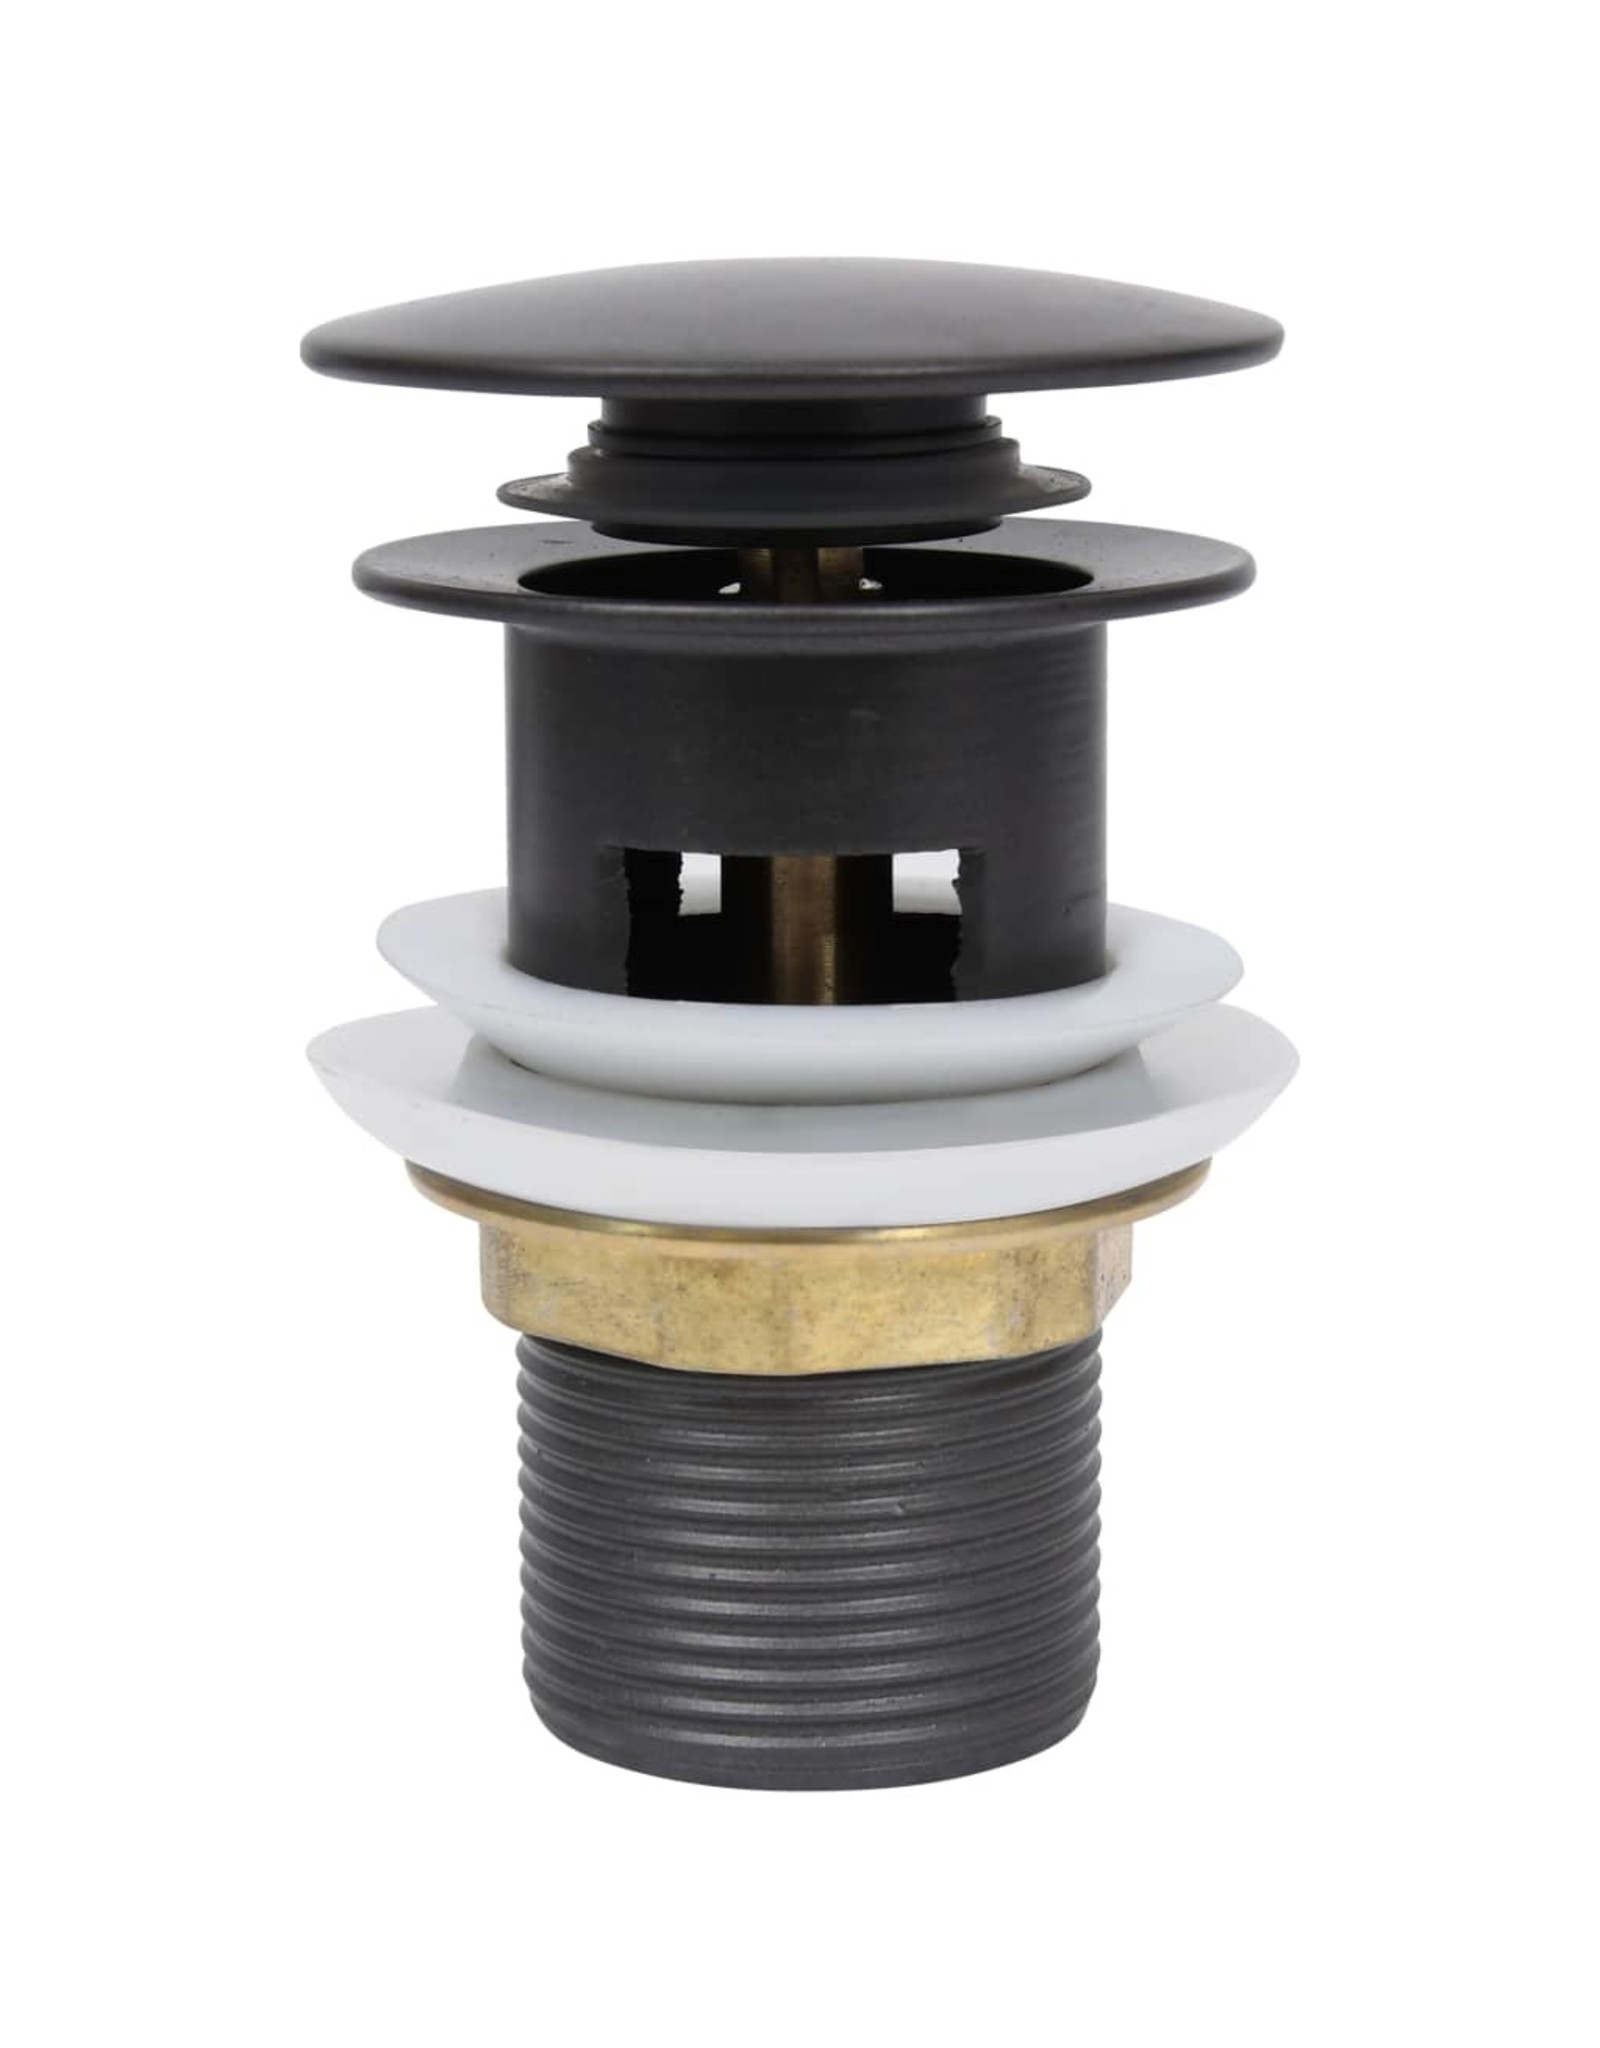 Afvoer pop-up met overloop 6,4x6,4x9,1 cm grijs